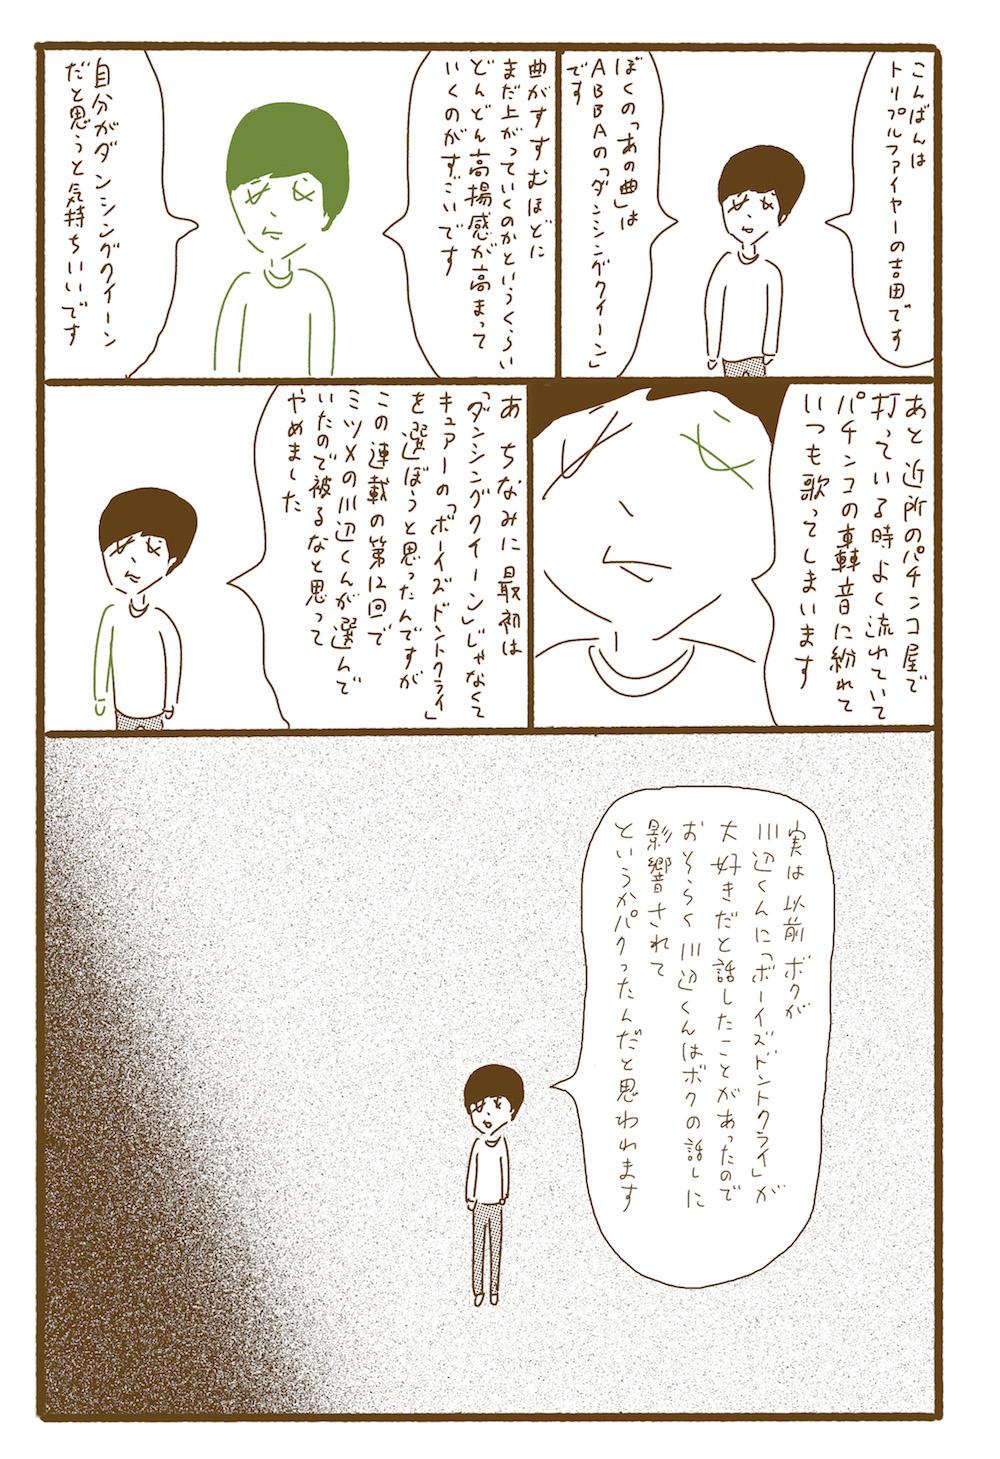 大橋裕之 トリプルファイヤー 吉田